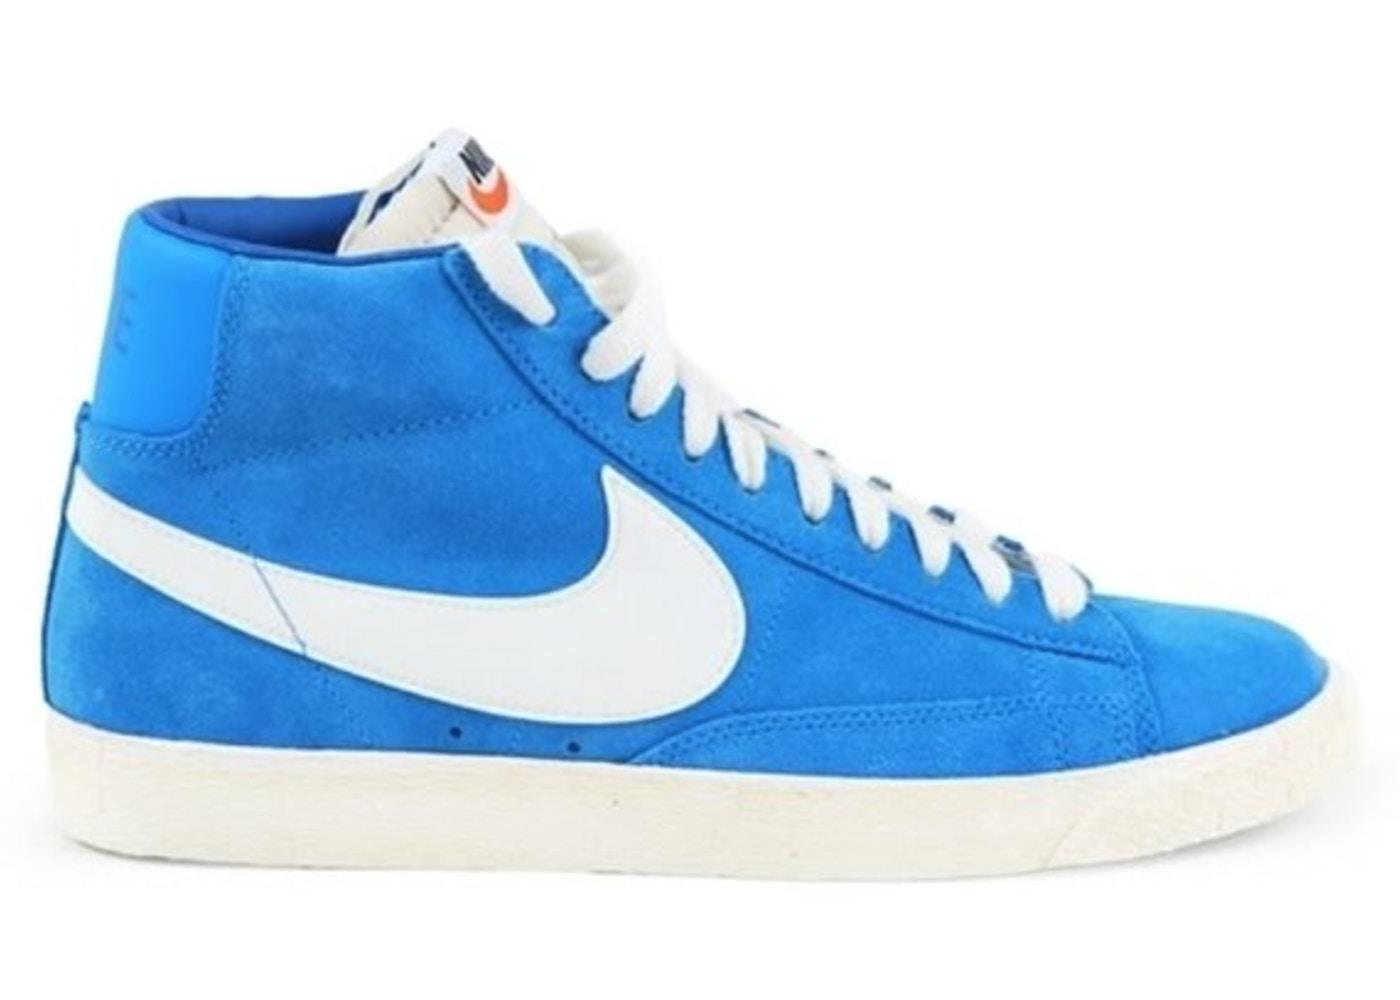 timeless design e2ffa 15efb ... High Suede VNTG - Italy Blue Varsity Royal-Gym Dark Blue  Nike SB Blazer  Suede Italy Blue . ...